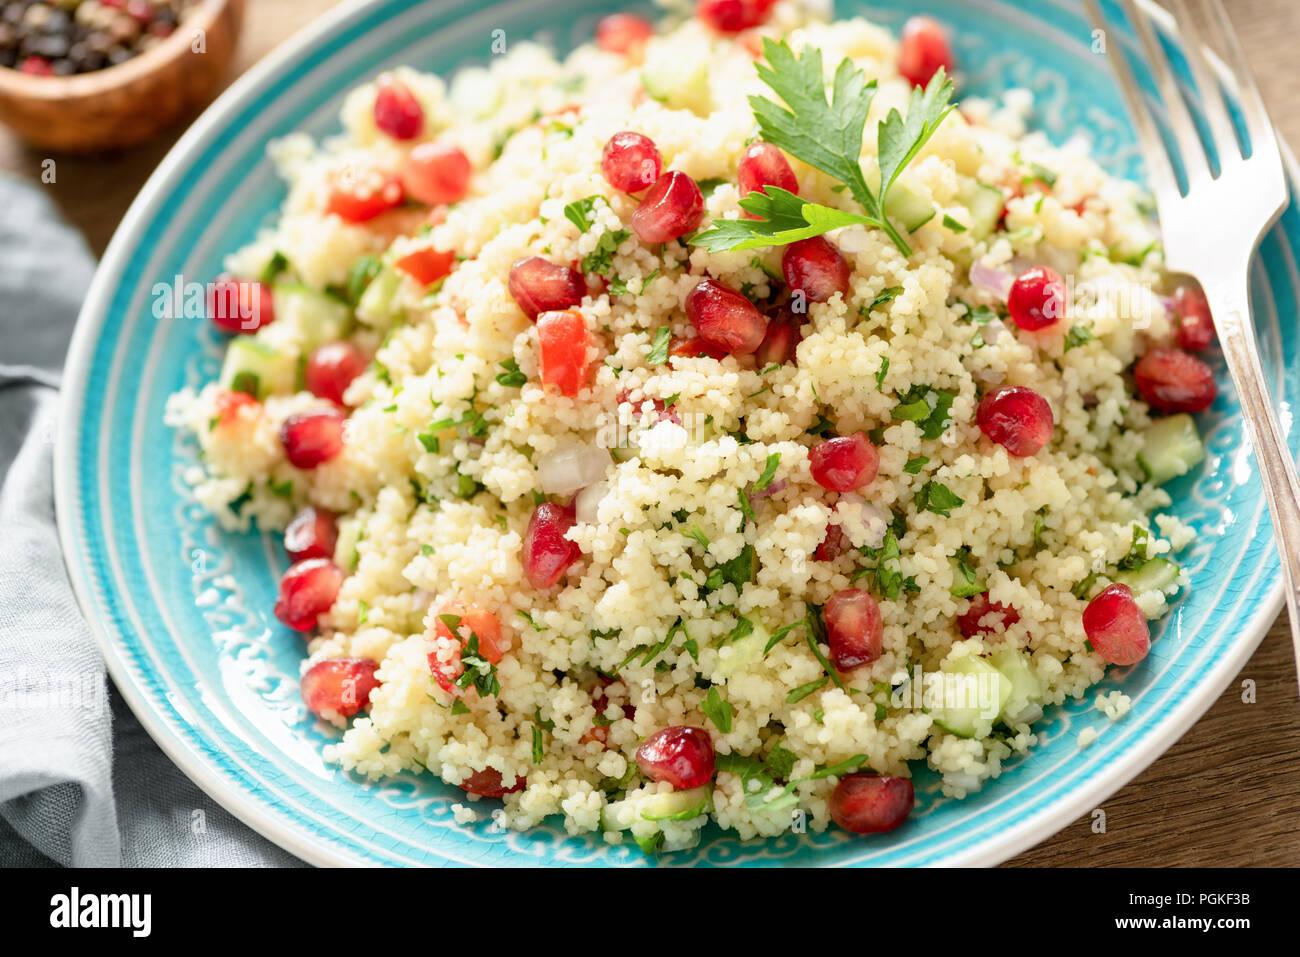 Tabbouleh ensalada con semillas de granada sobre placa de turquesa. Visión más cercana. Vegetariana saludable ensalada árabe Imagen De Stock